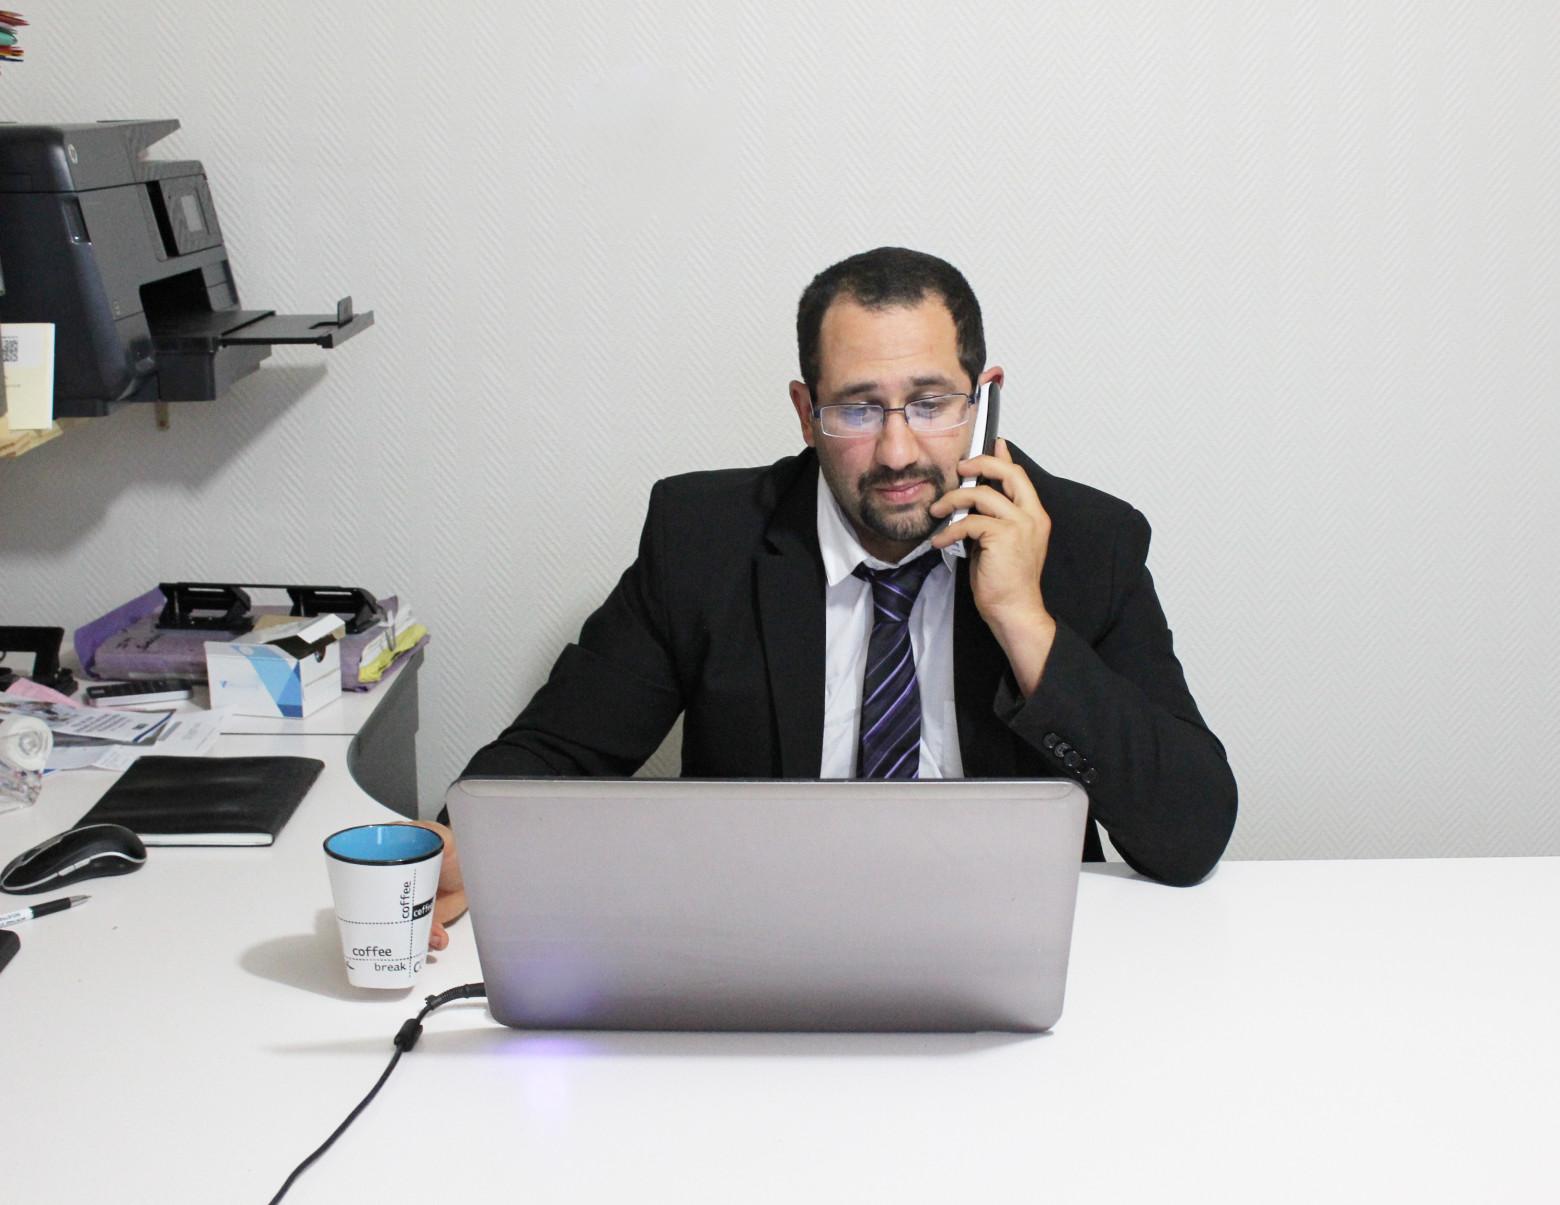 Entreprise bureau travail homme business images gratuites for Bureau images gratuites